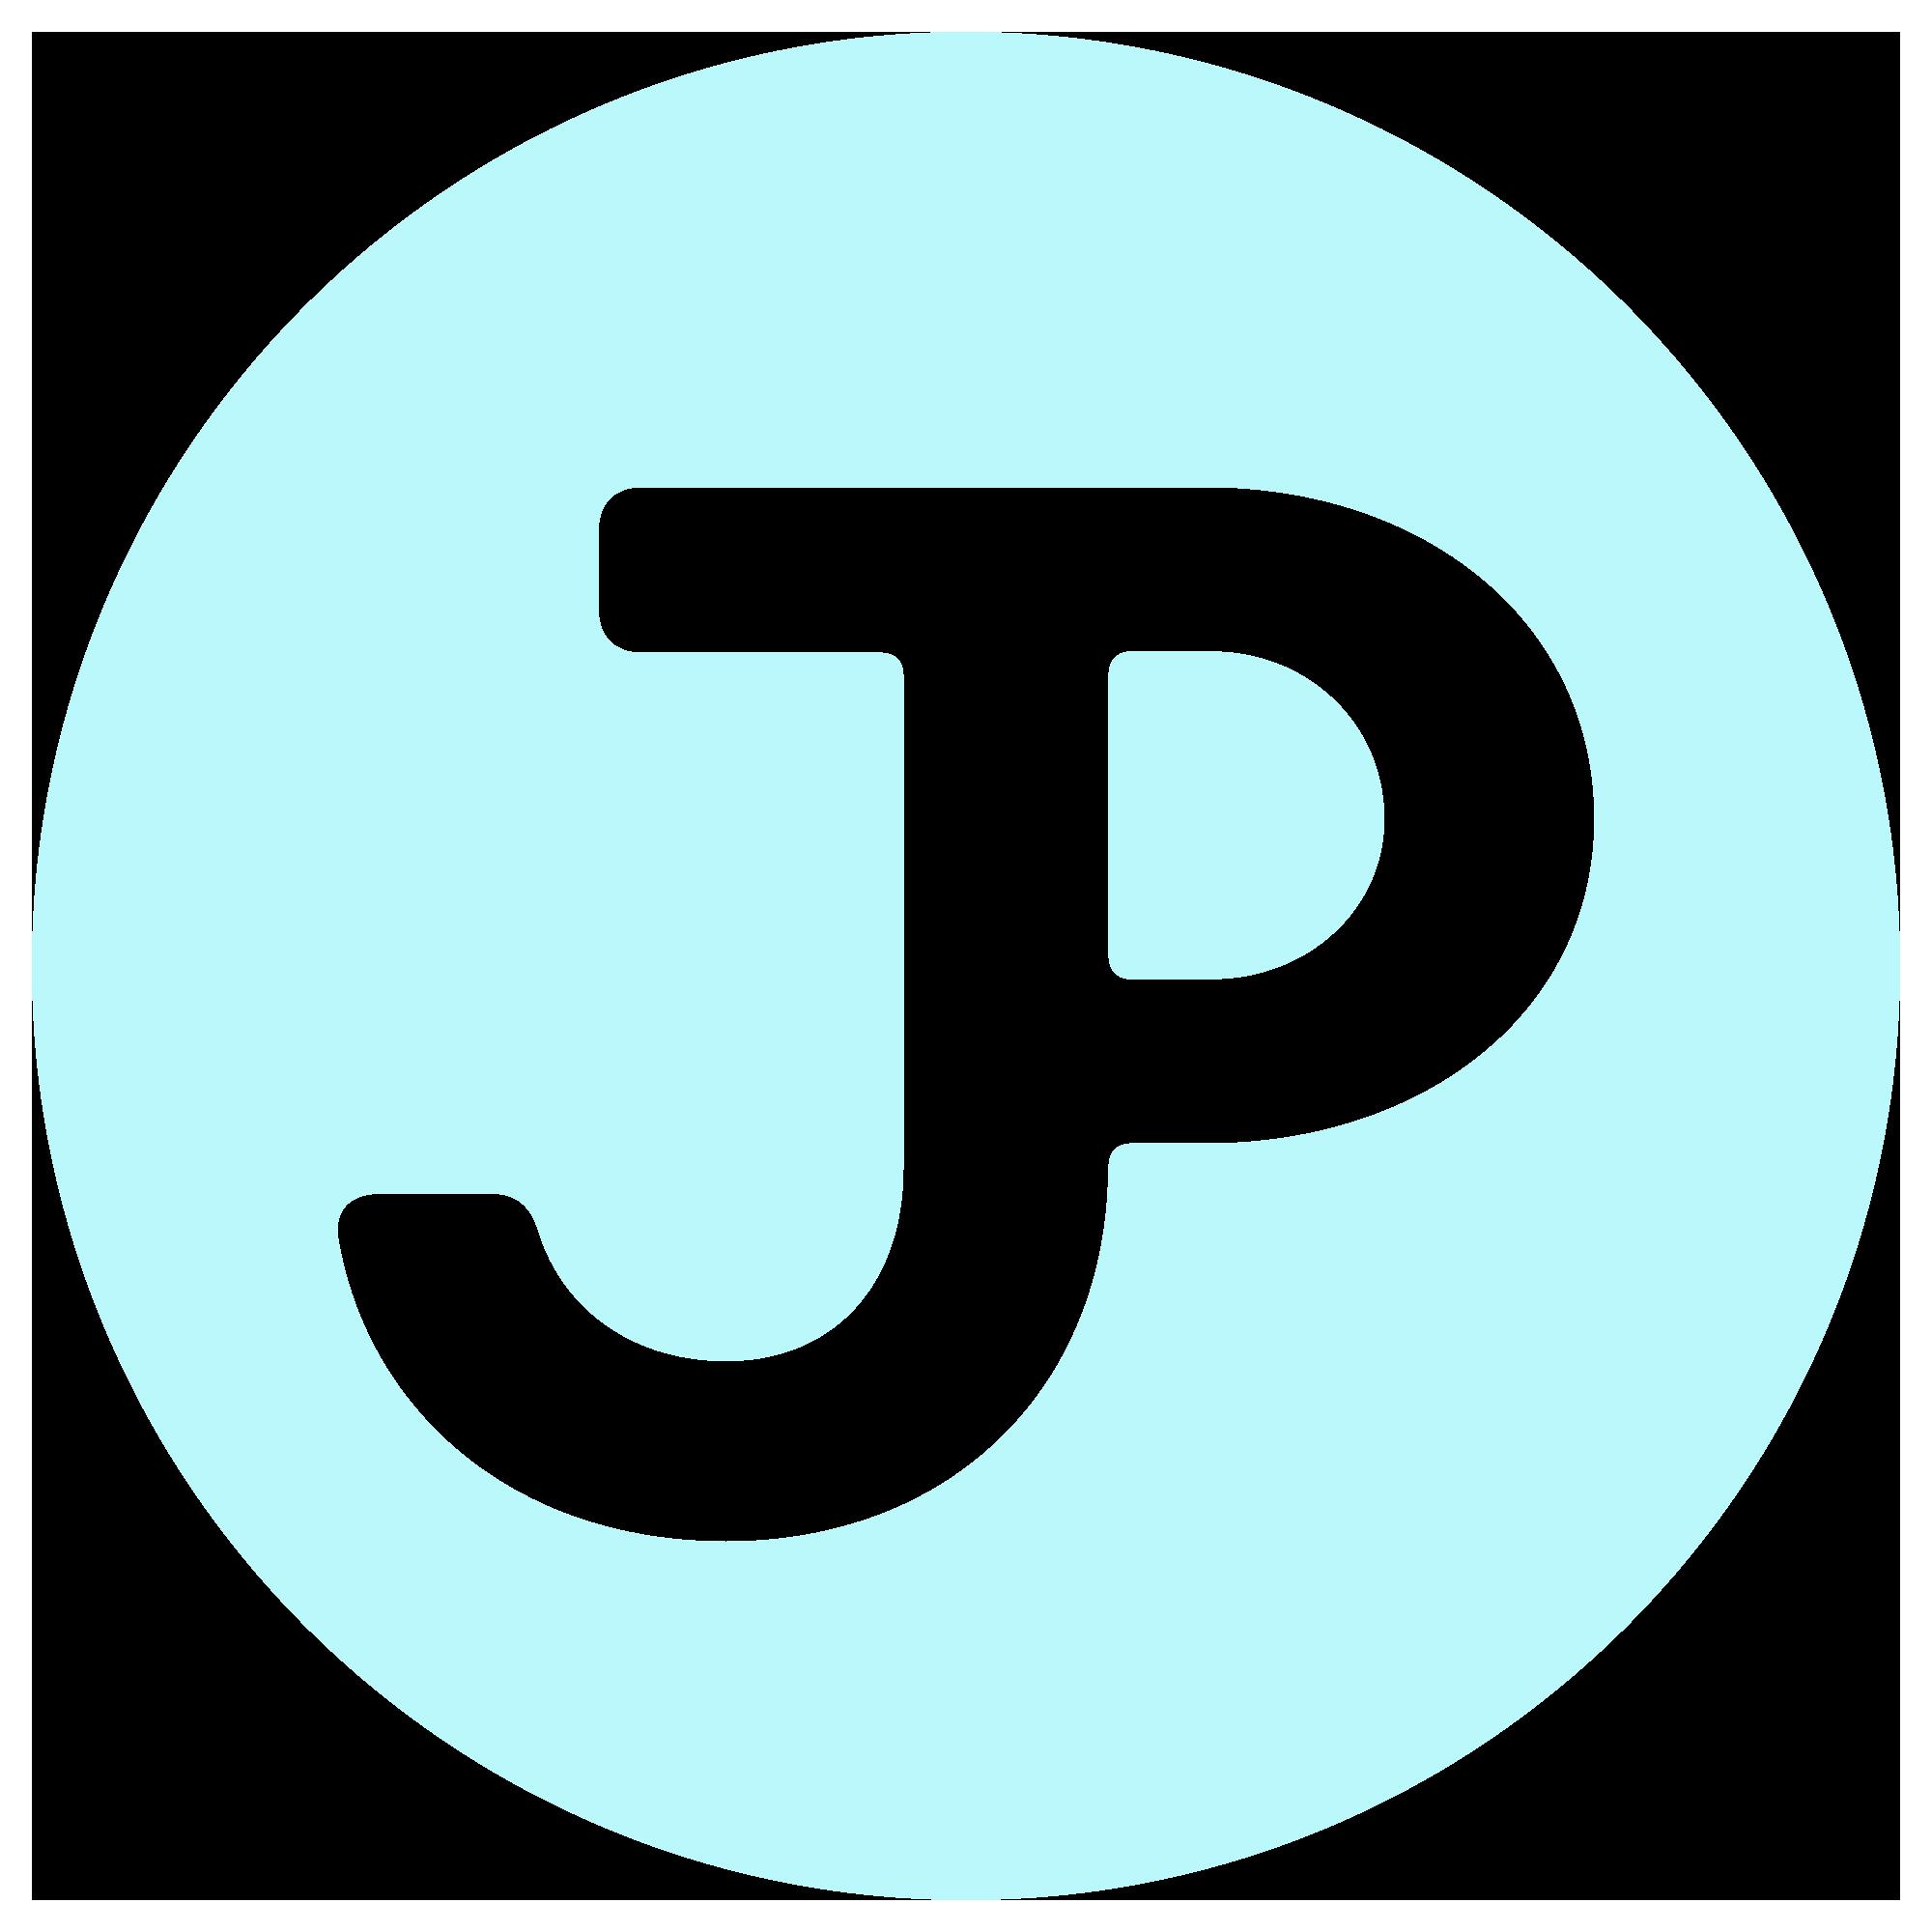 Jeske Paalvast beeldmerk logo ontwerp JAgd